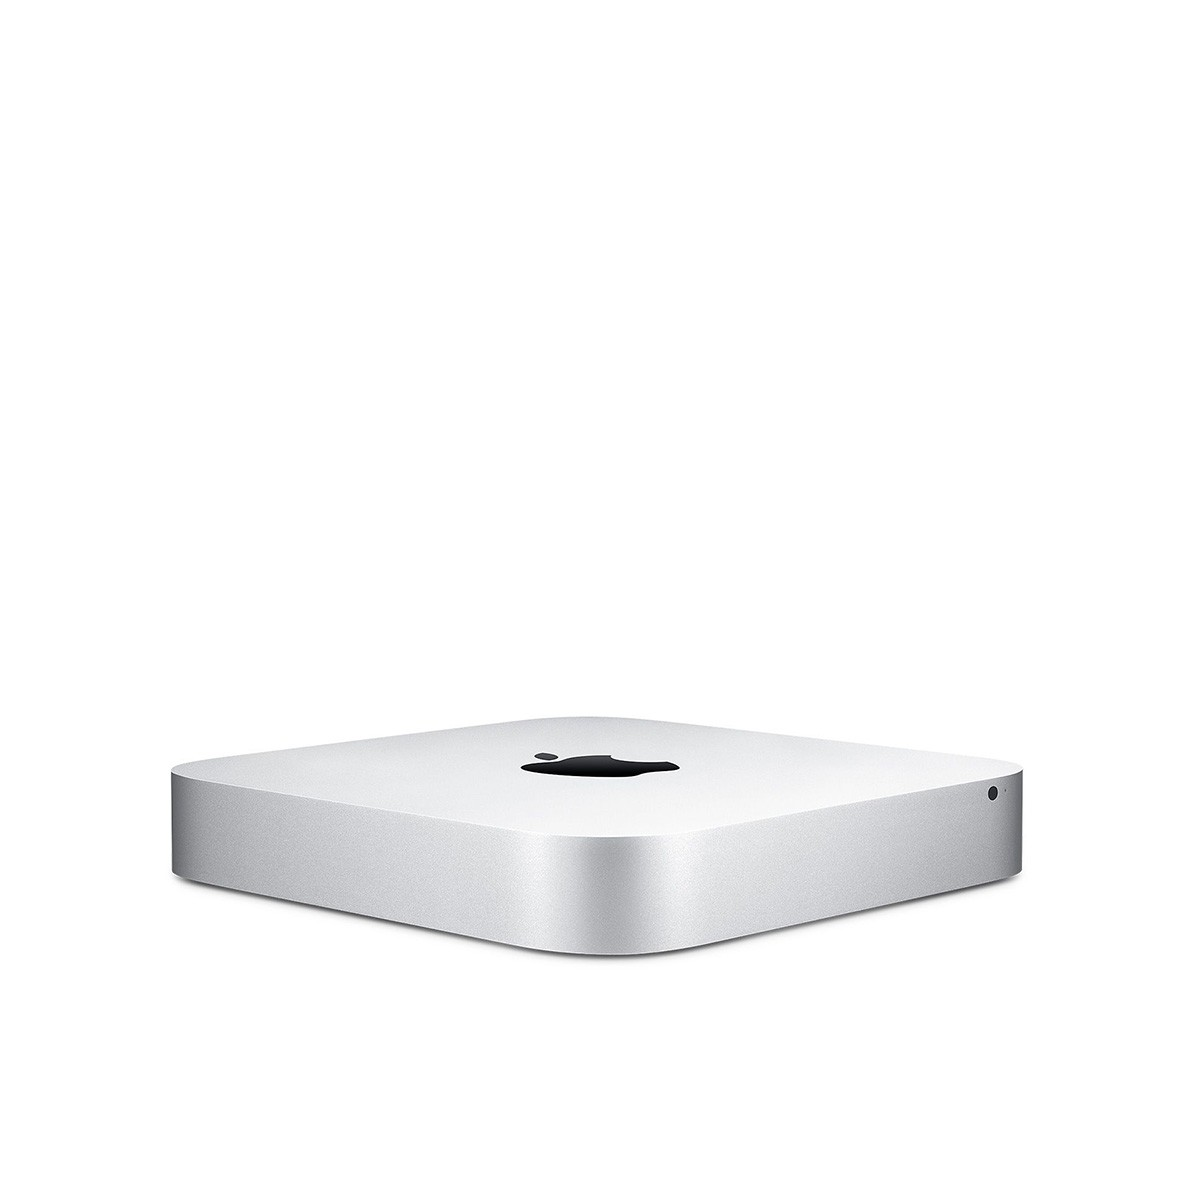 Mac mini: 2.6GHz